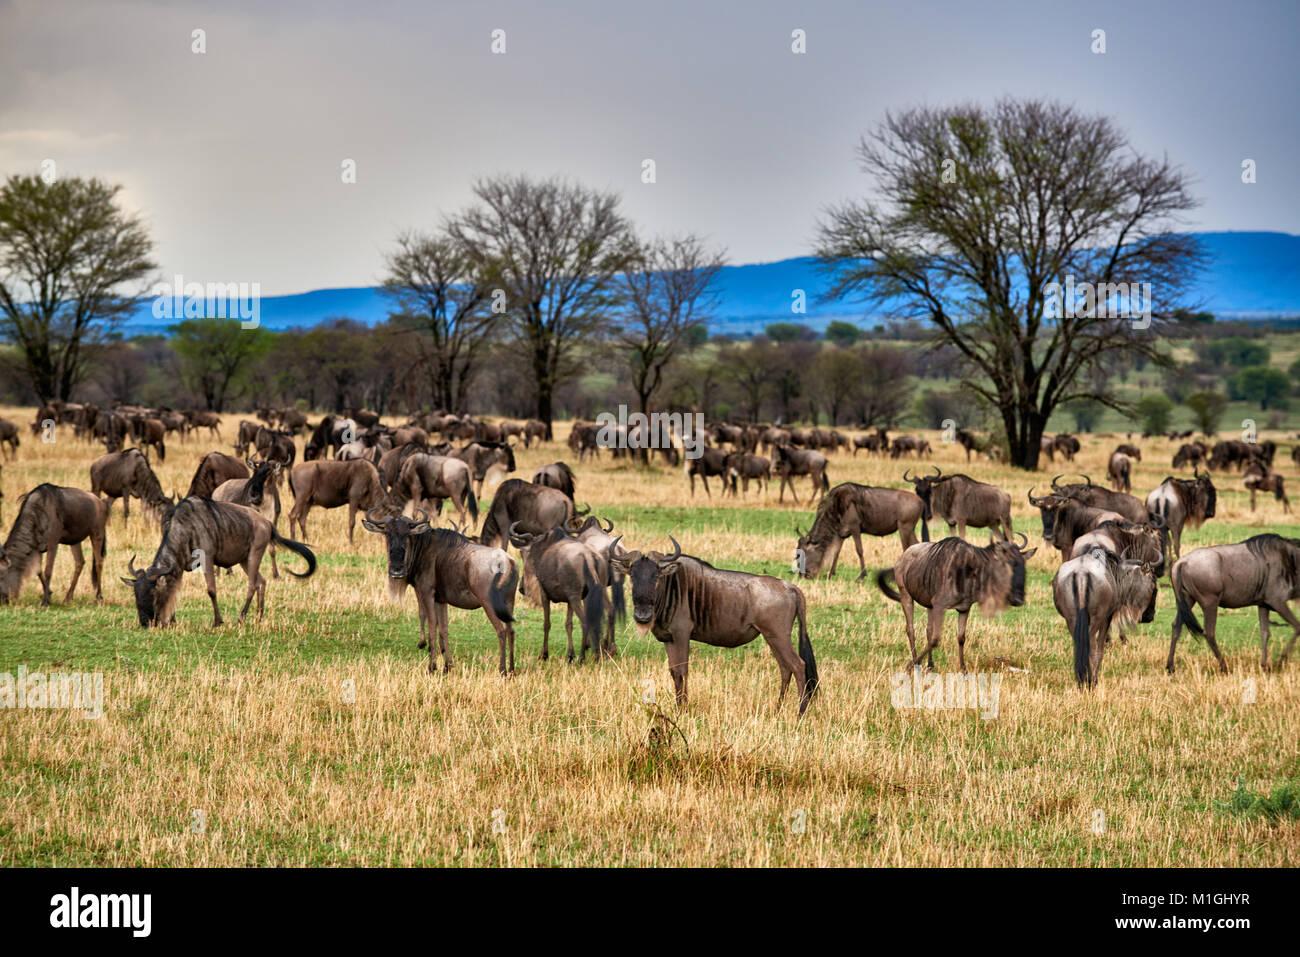 Landschaft im Serengeti National Park mit blauen wilderbeests, Weltkulturerbe der UNESCO, Tansania, Afrika Stockbild